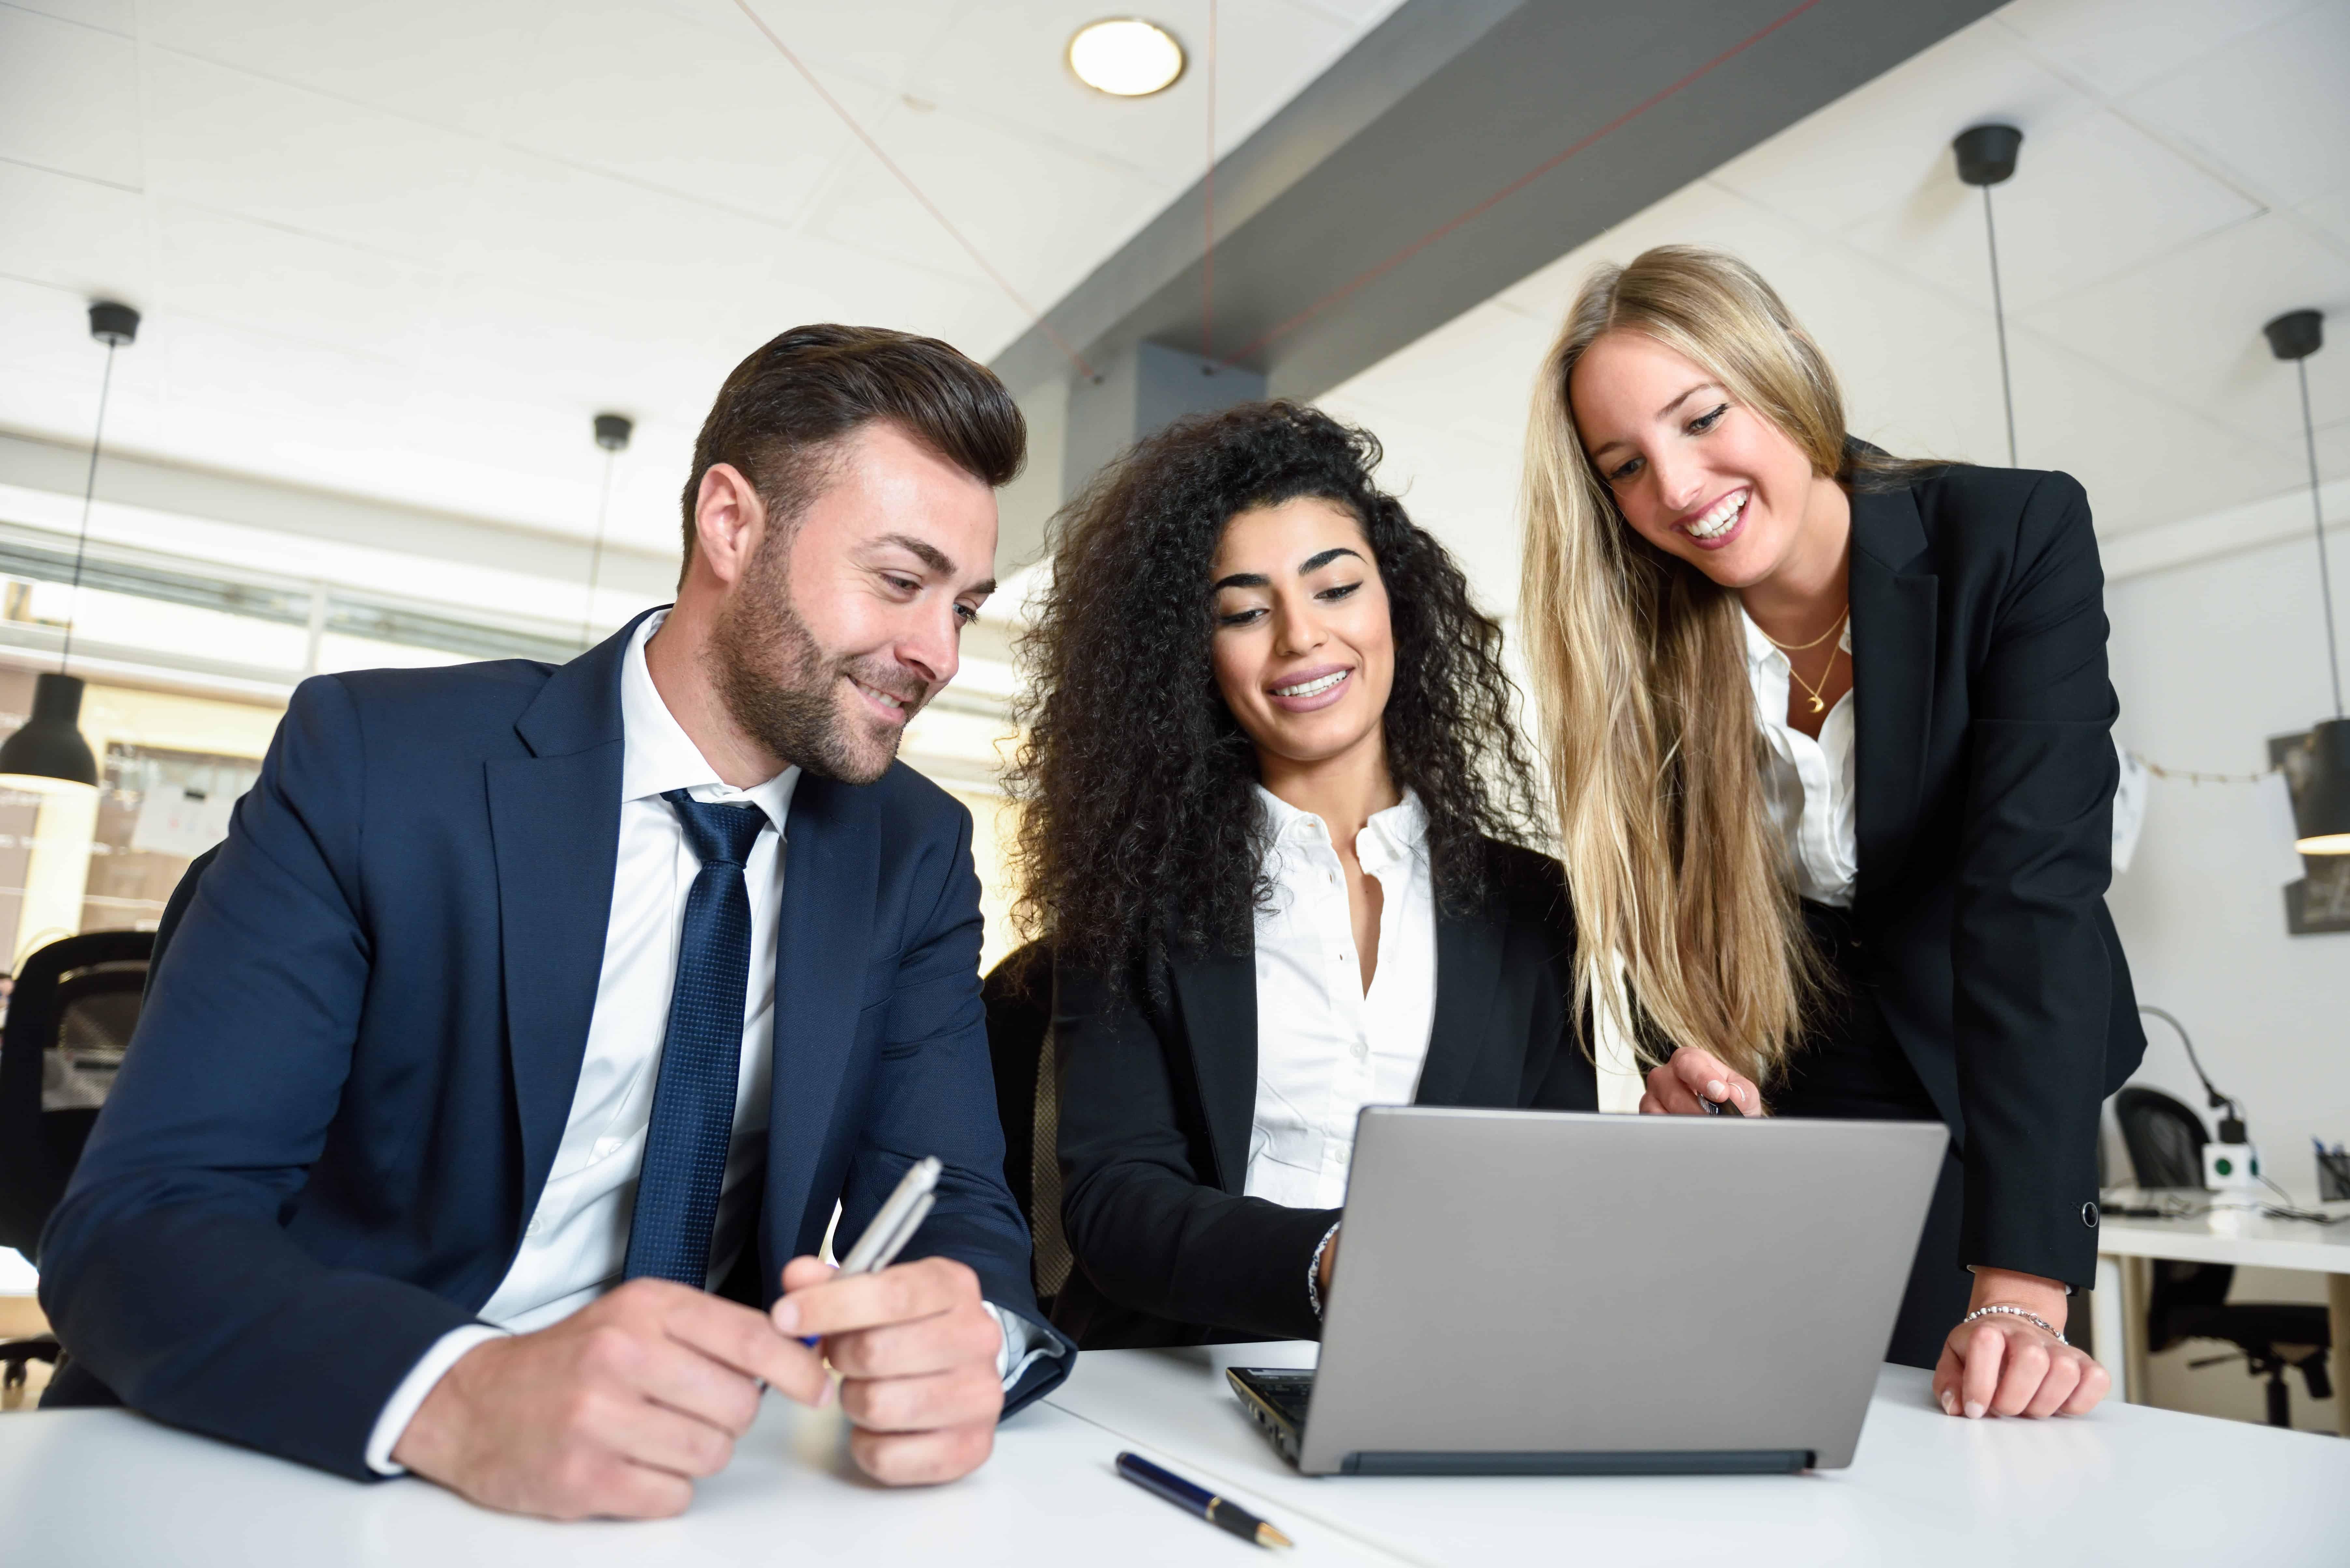 trois personnes travaillant sur le logiciel de recrutement